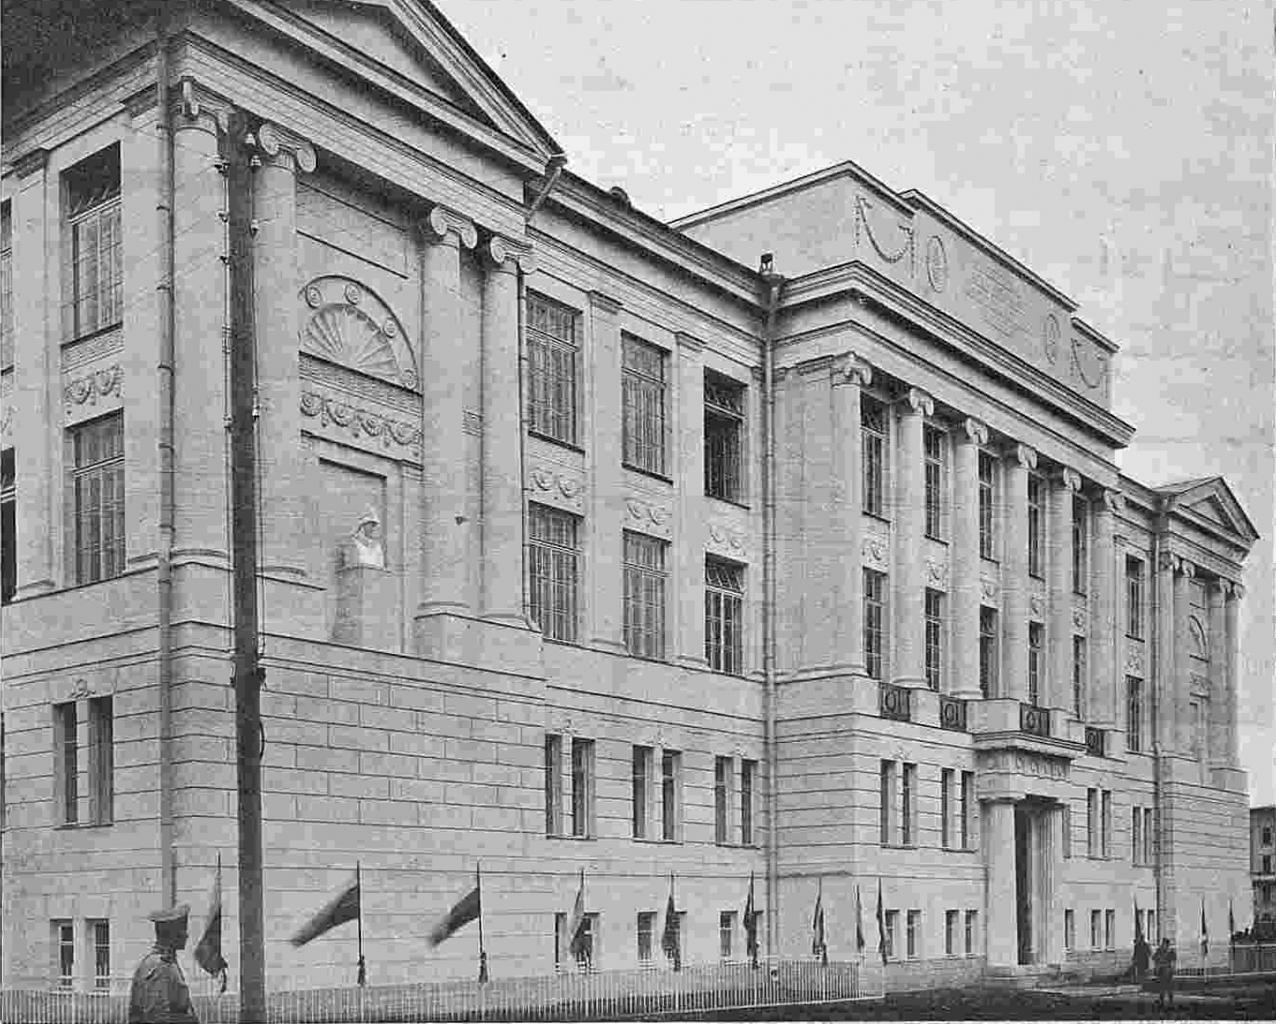 Великие творения царскосельский, или екатерининский, дворец является одним из самых знаменитых сооружений зодчего